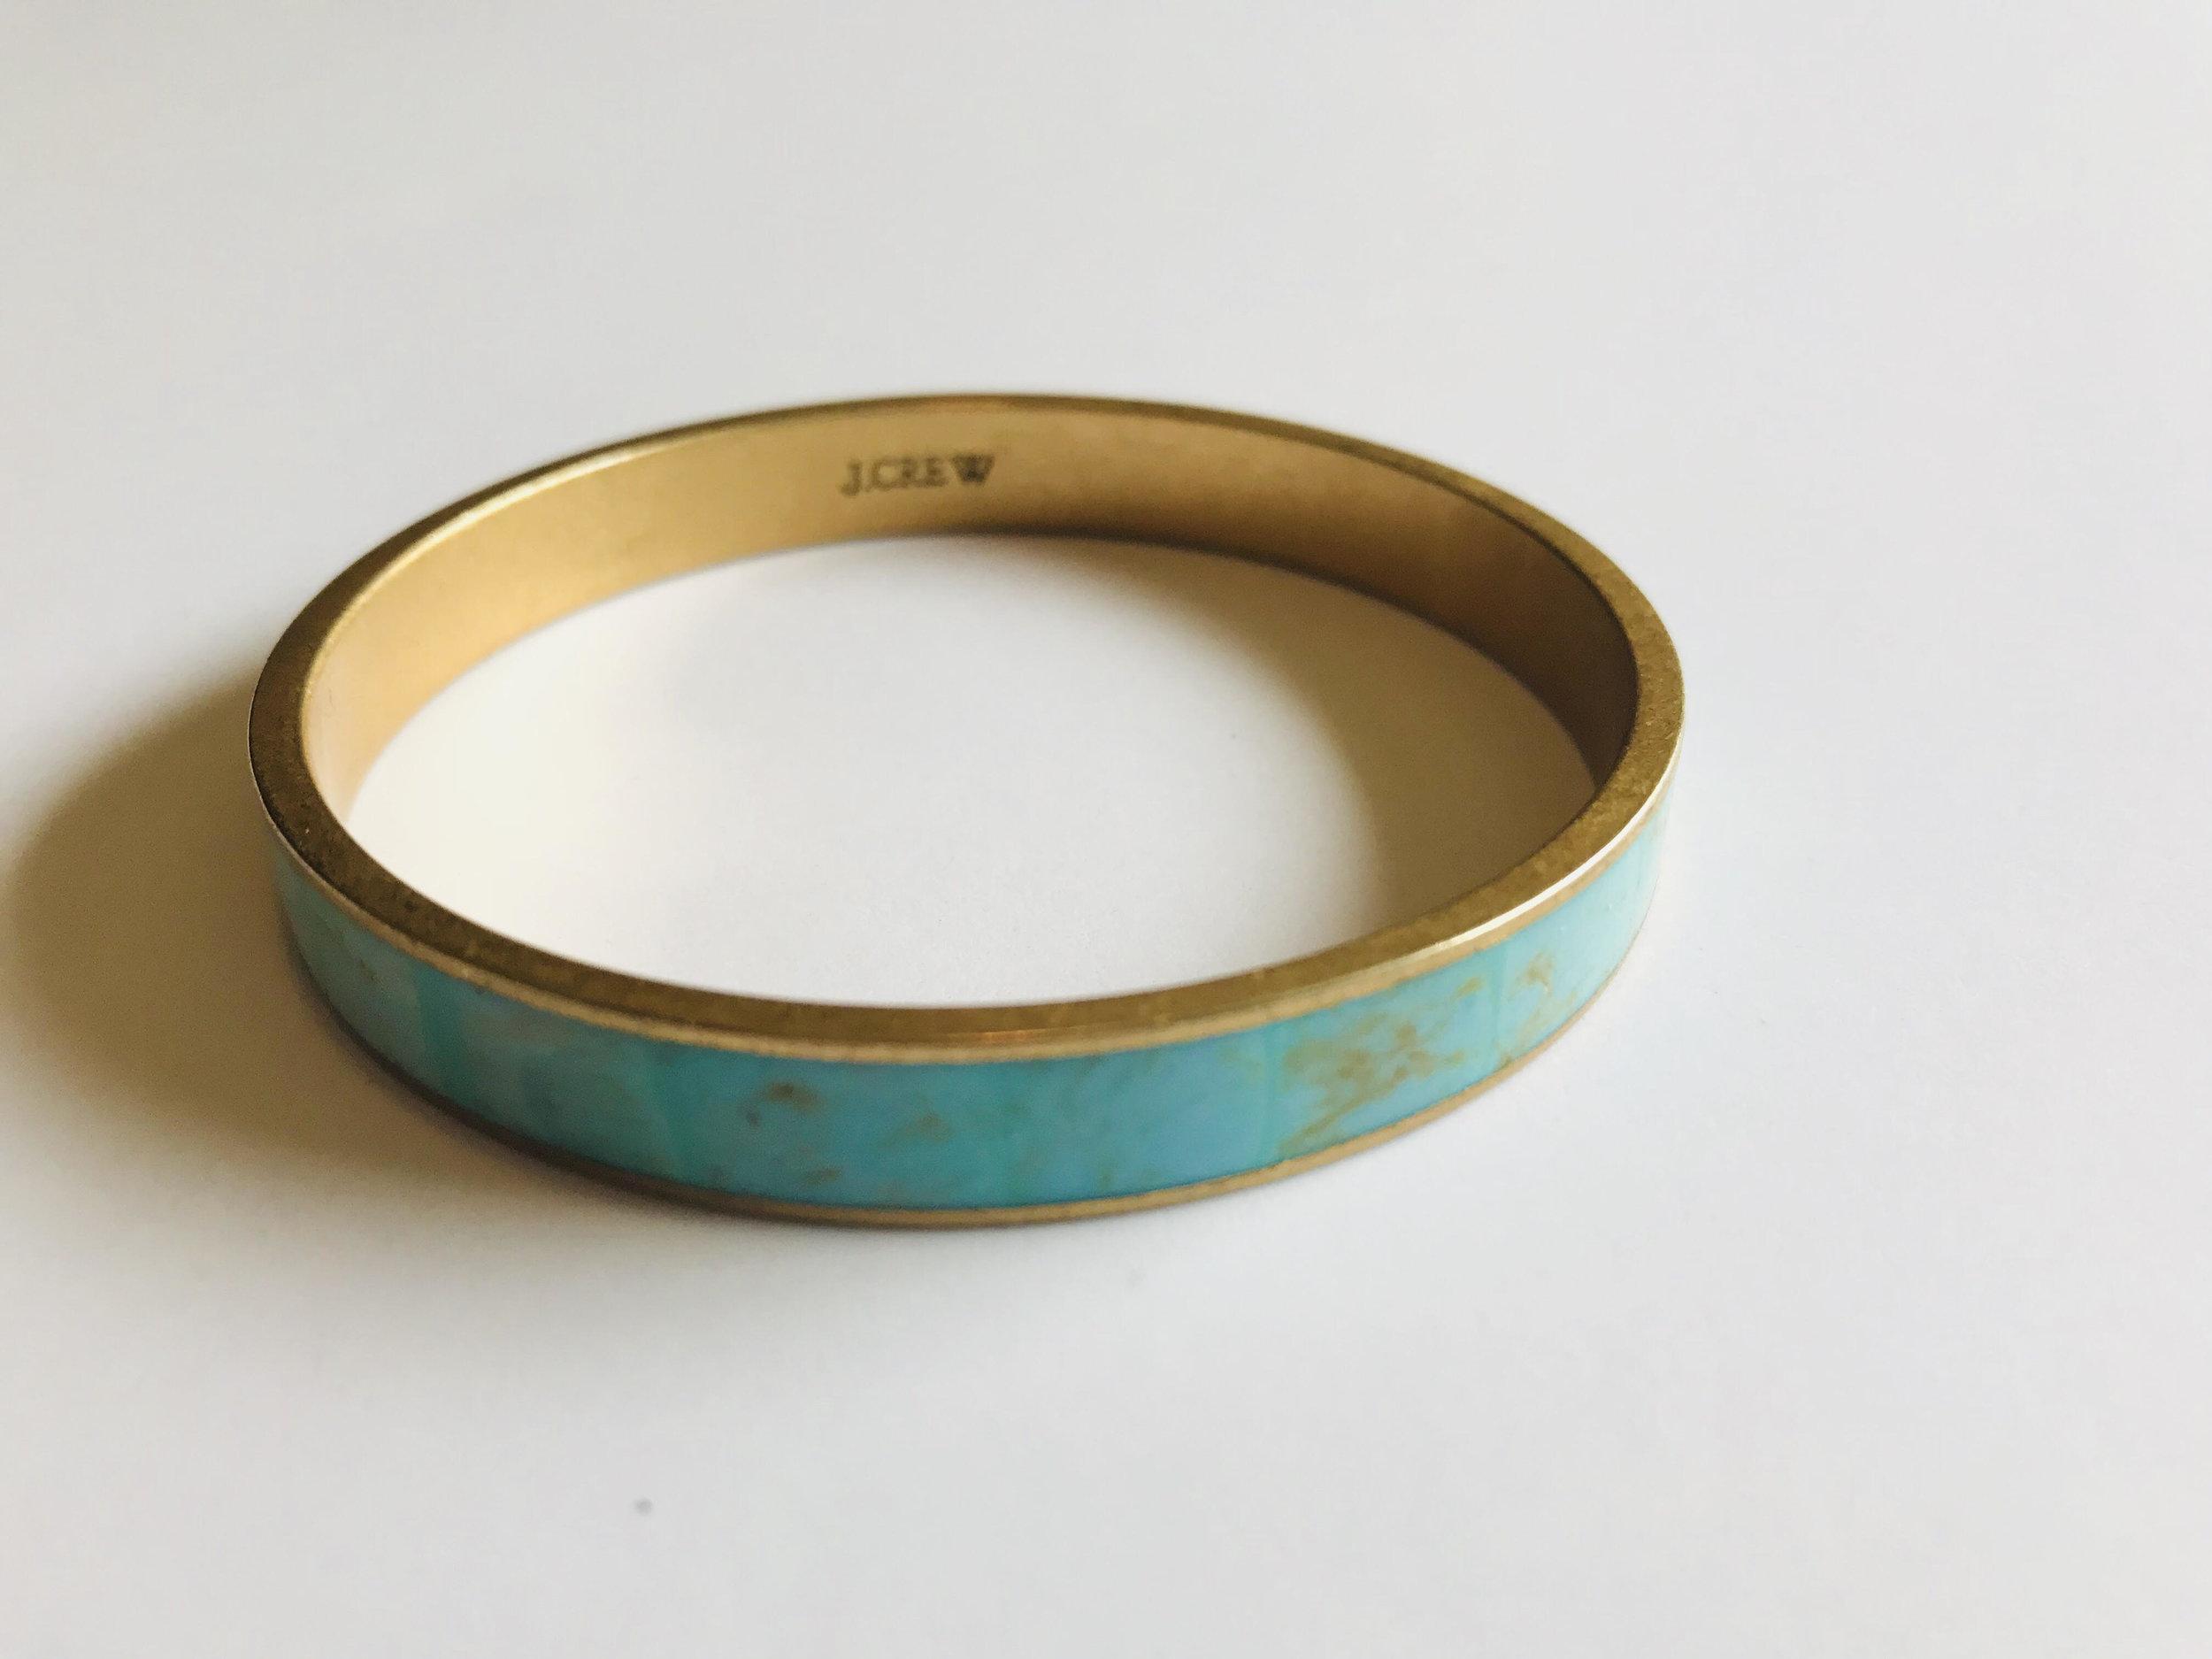 2. Turquoise Bracelet - Price: $6Brand: J. CREW